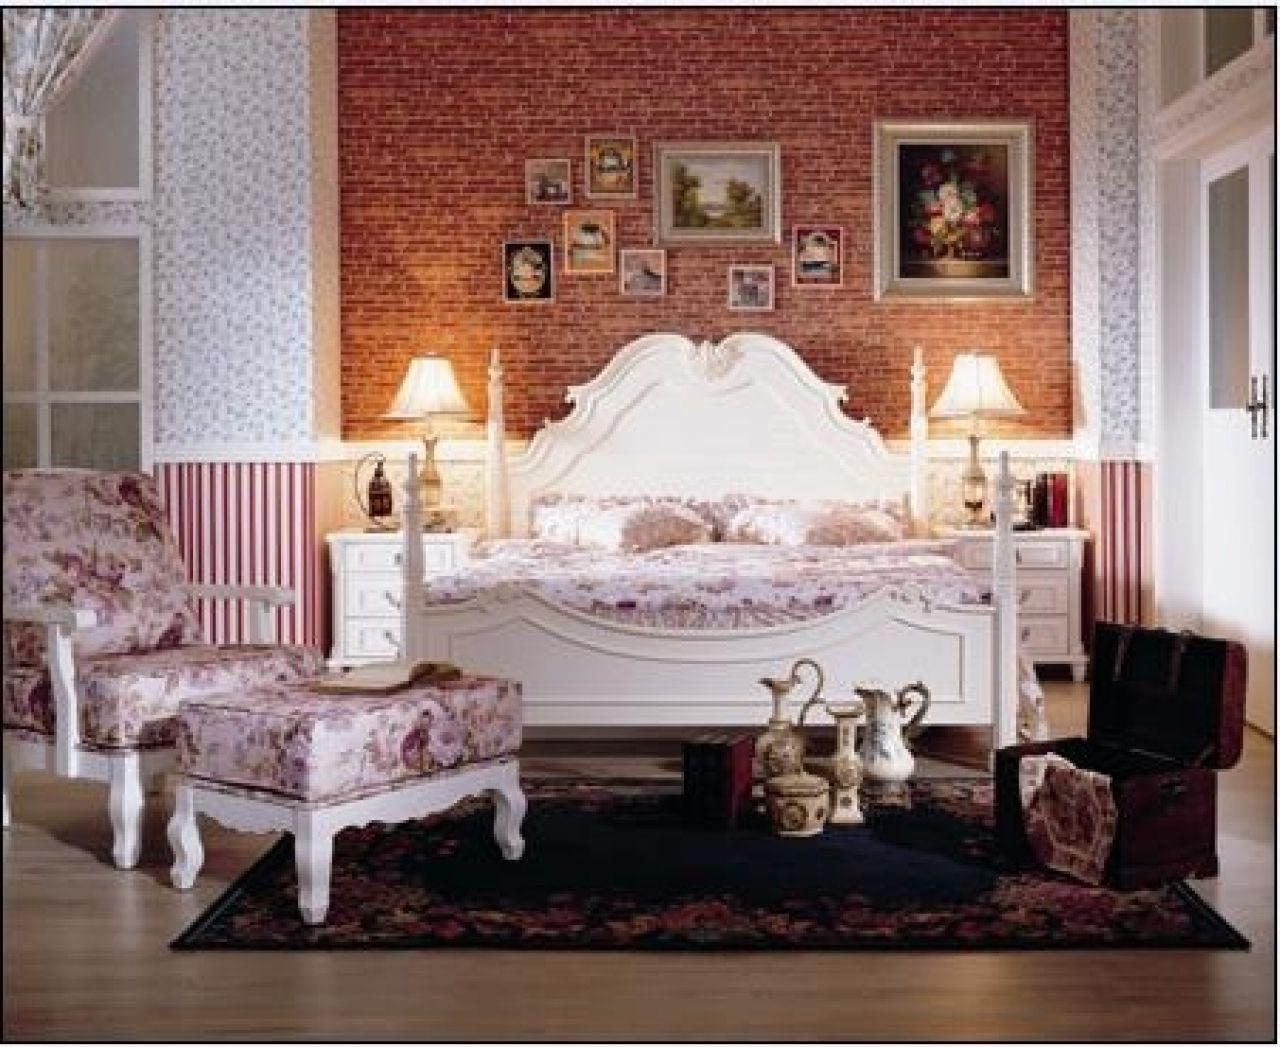 1000  ideas about Antique Bedroom Sets on Pinterest   Antique bedrooms   Antique beds and Cream bedroom furniture. 1000  ideas about Antique Bedroom Sets on Pinterest   Antique